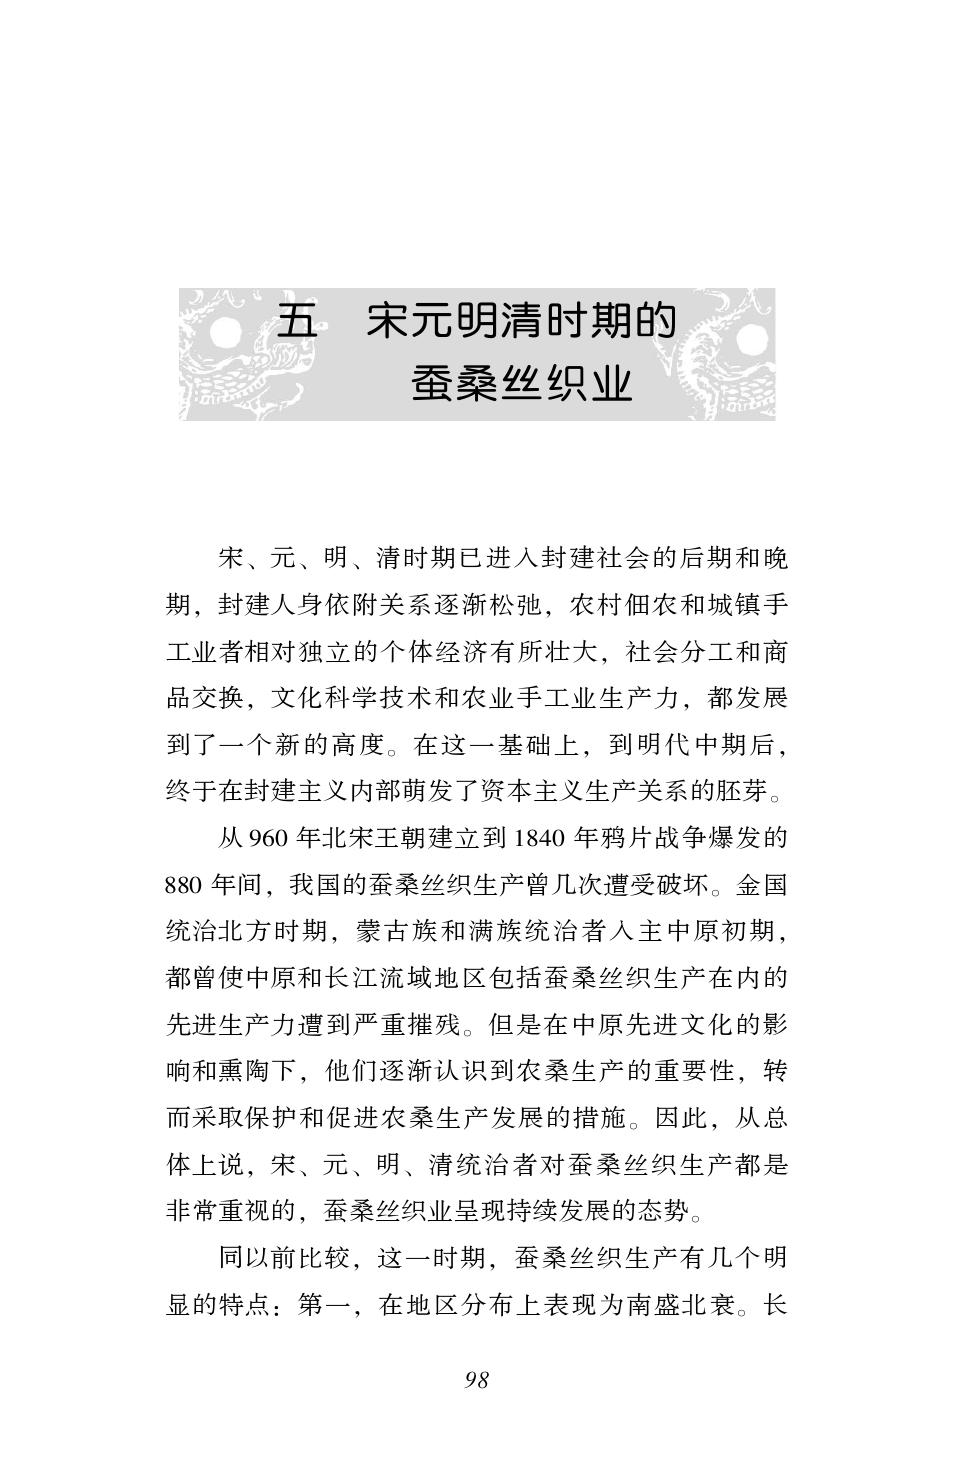 宋元明清时期的蚕桑丝织业